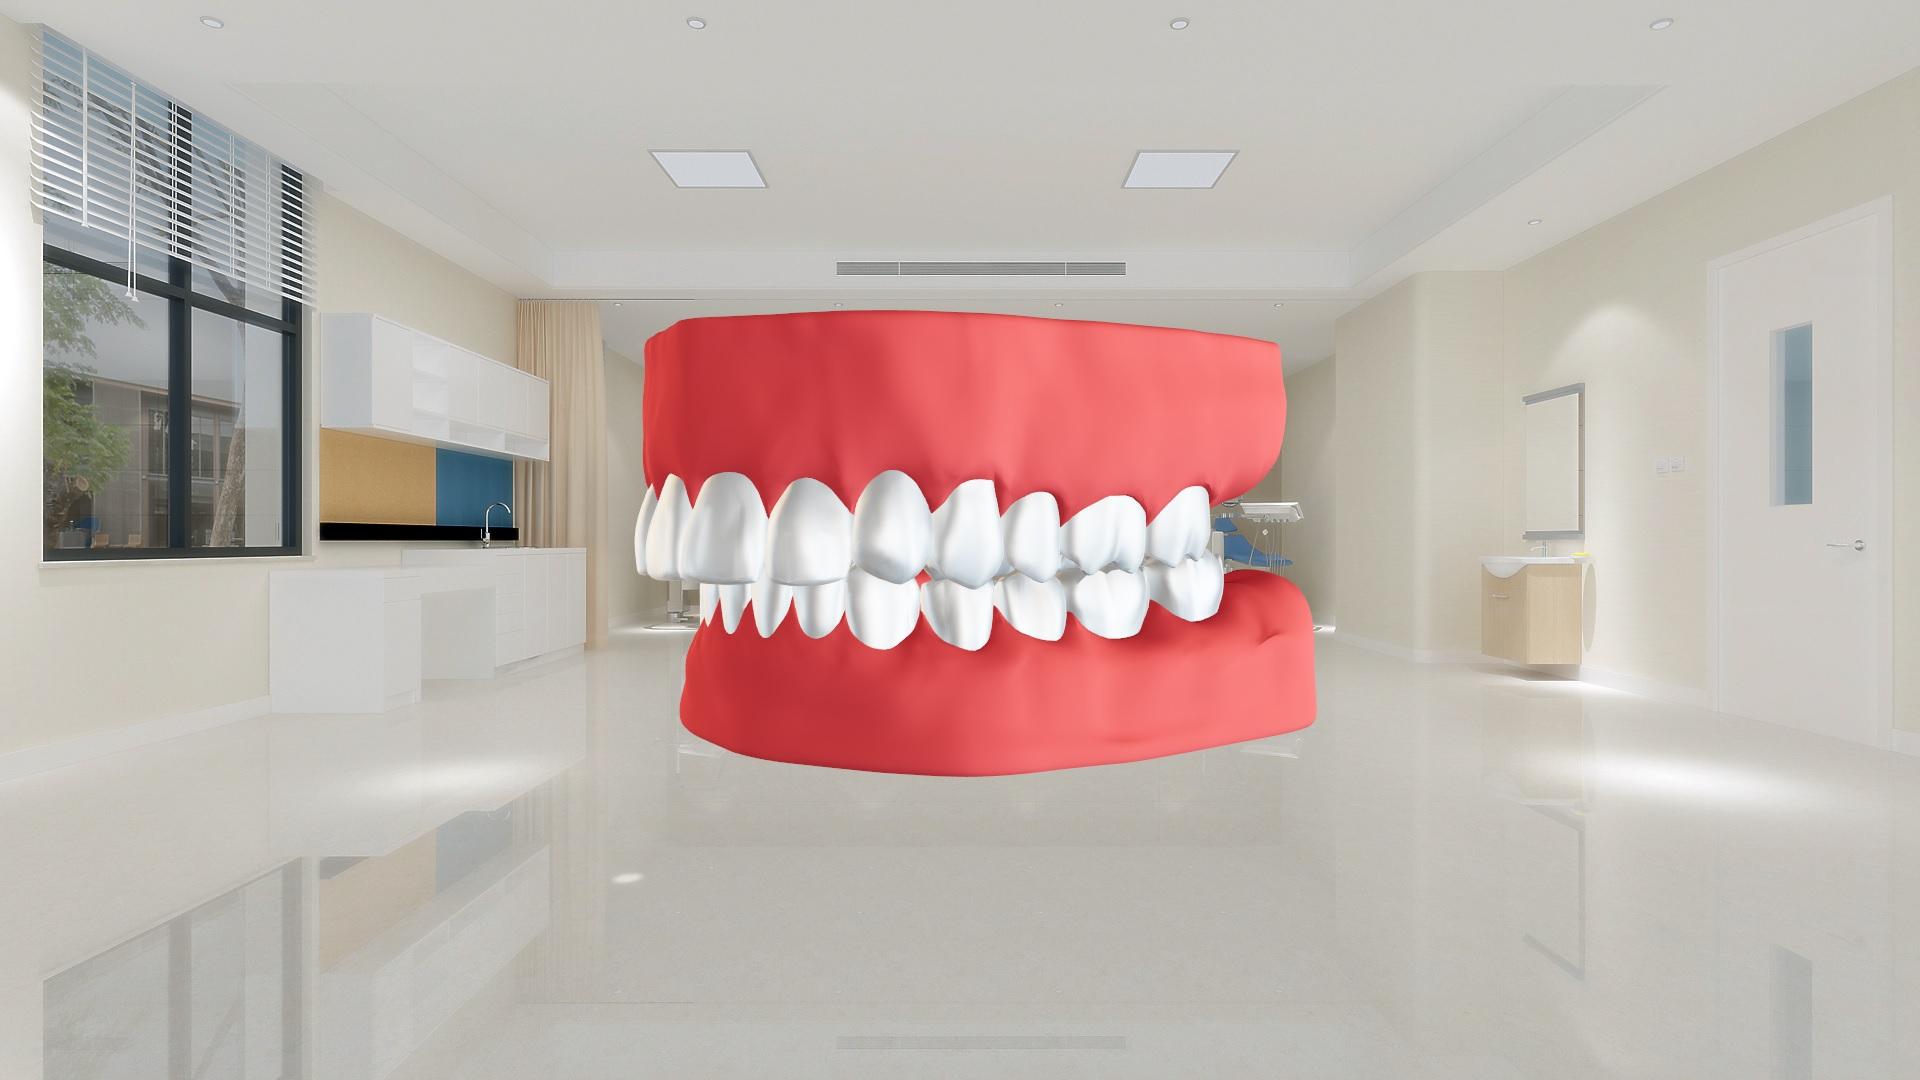 自己在家做牙齿矫正靠谱吗?别冲动,小心美牙变毁牙